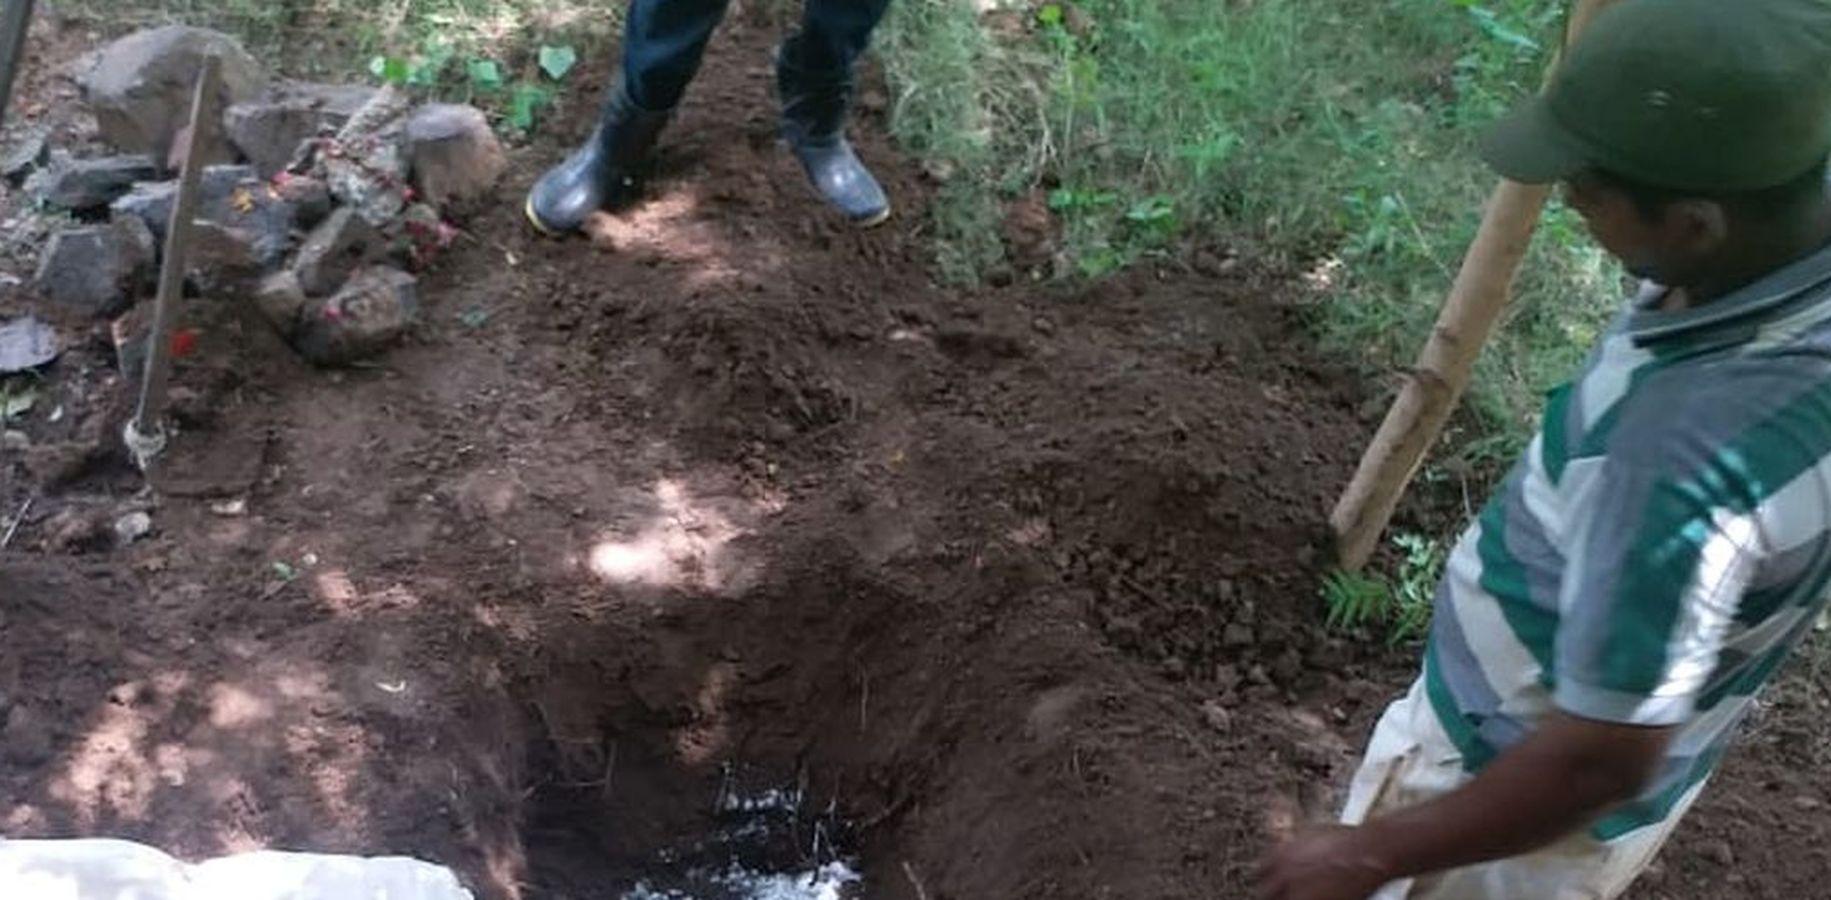 पुलिस ने मृत बच्चे का दफन शव बाहर निकलवाया, अब सबूत के तौर पर करेंगे कोर्ट में पेश